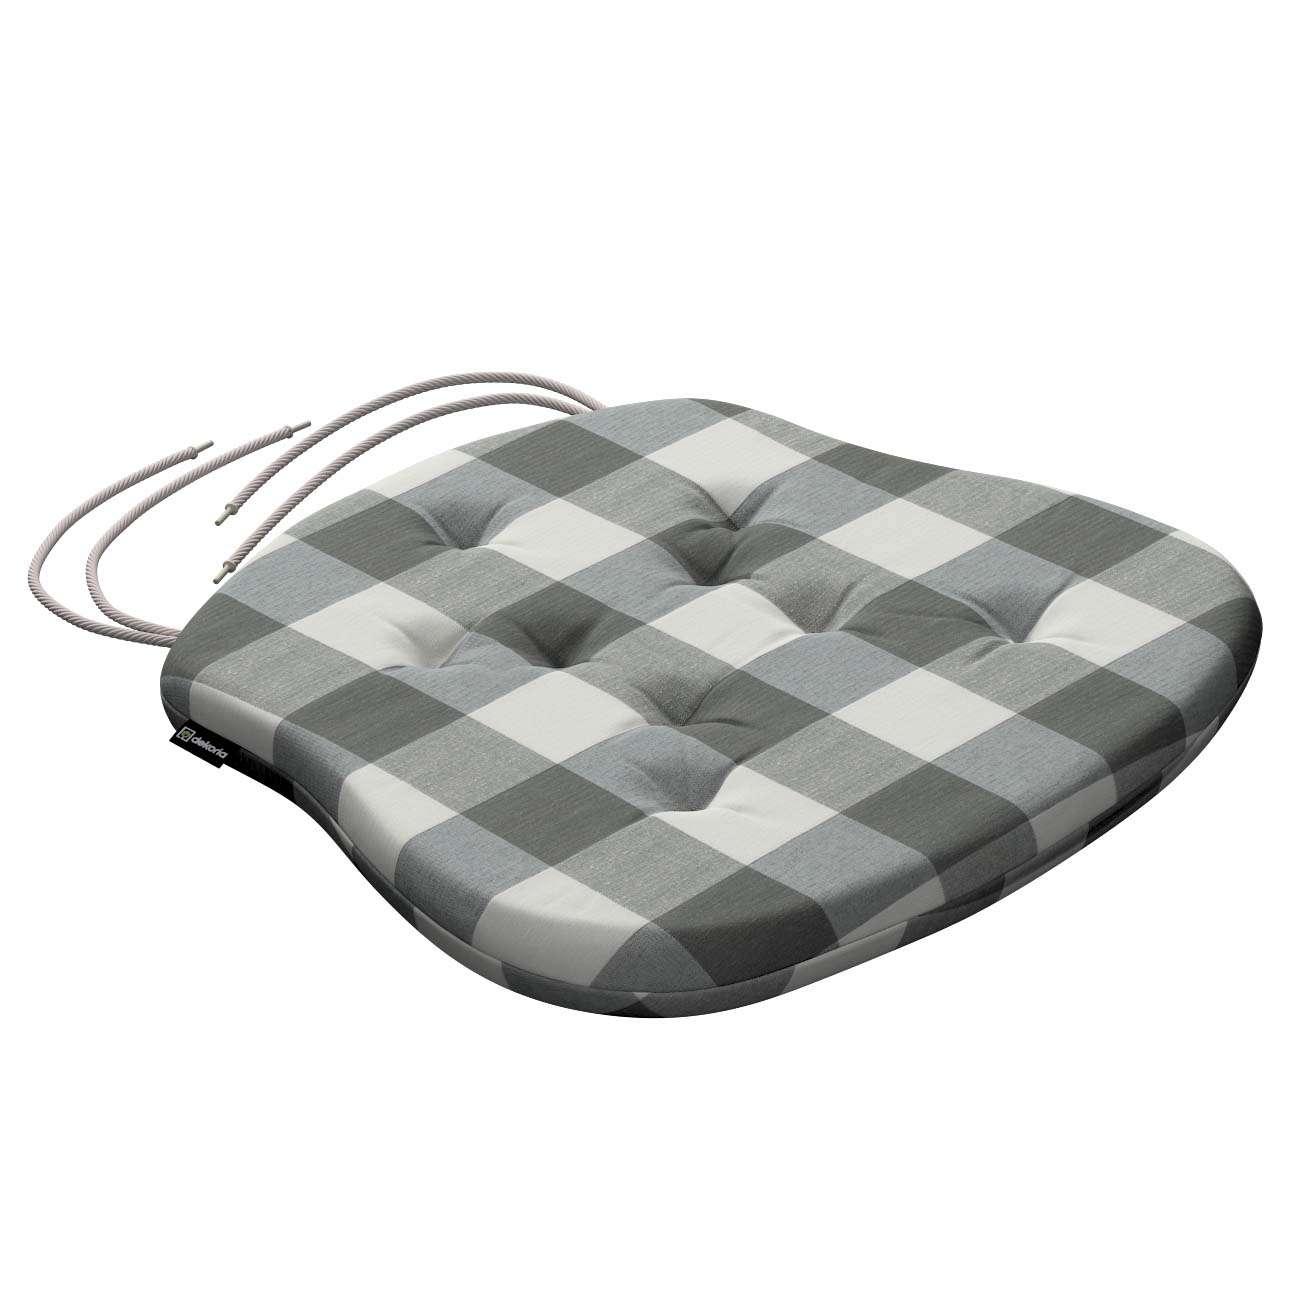 Siedzisko Filip na krzesło 41x38x3,5 cm w kolekcji Quadro, tkanina: 136-13